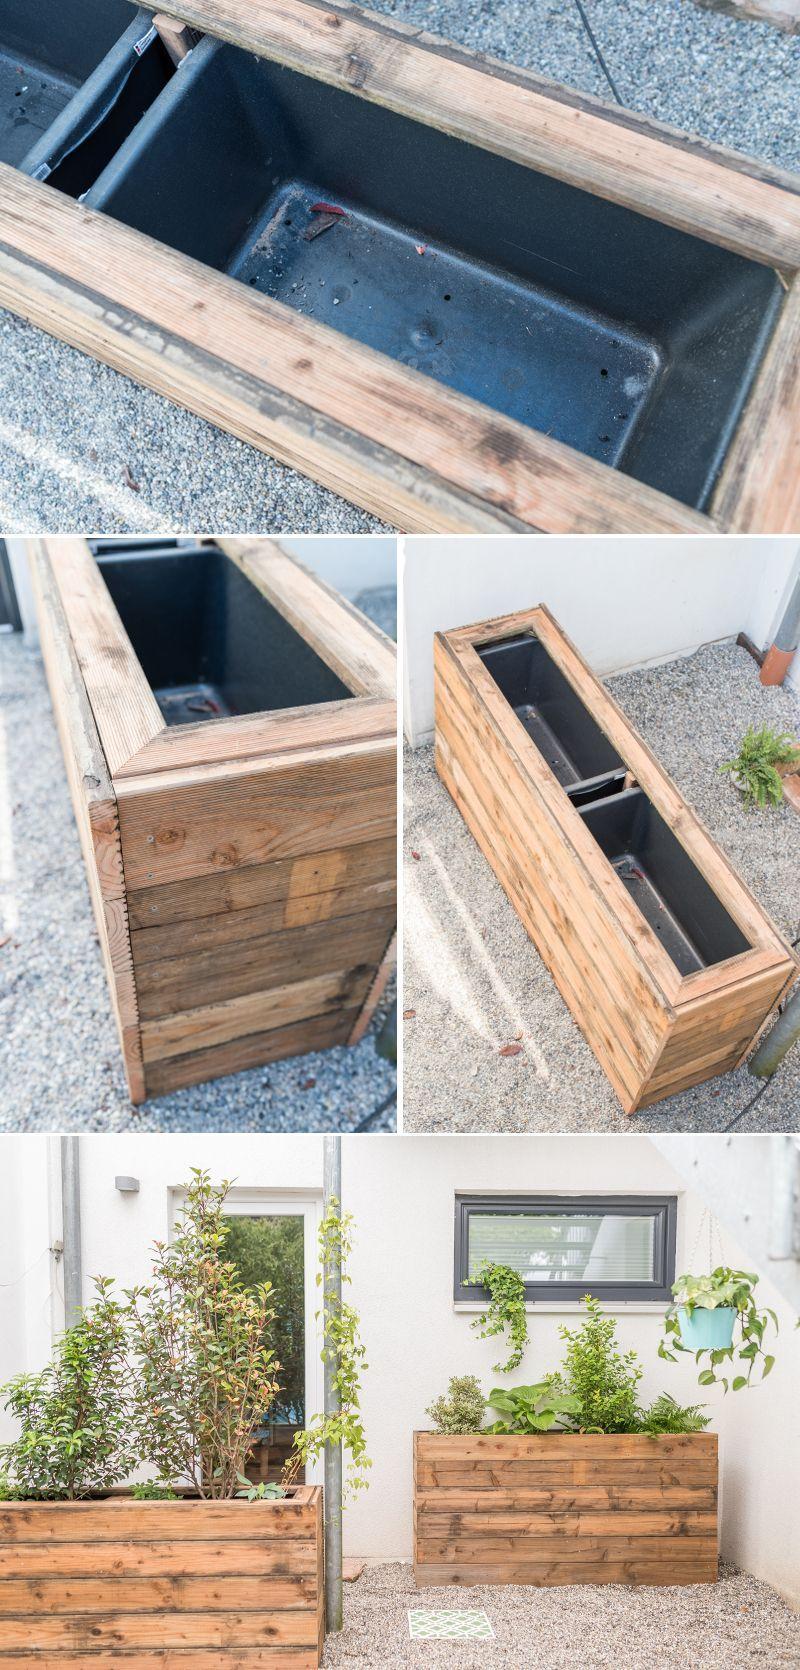 unser terrassen makeover - vorher/ nachher (teil 1 | terrasses